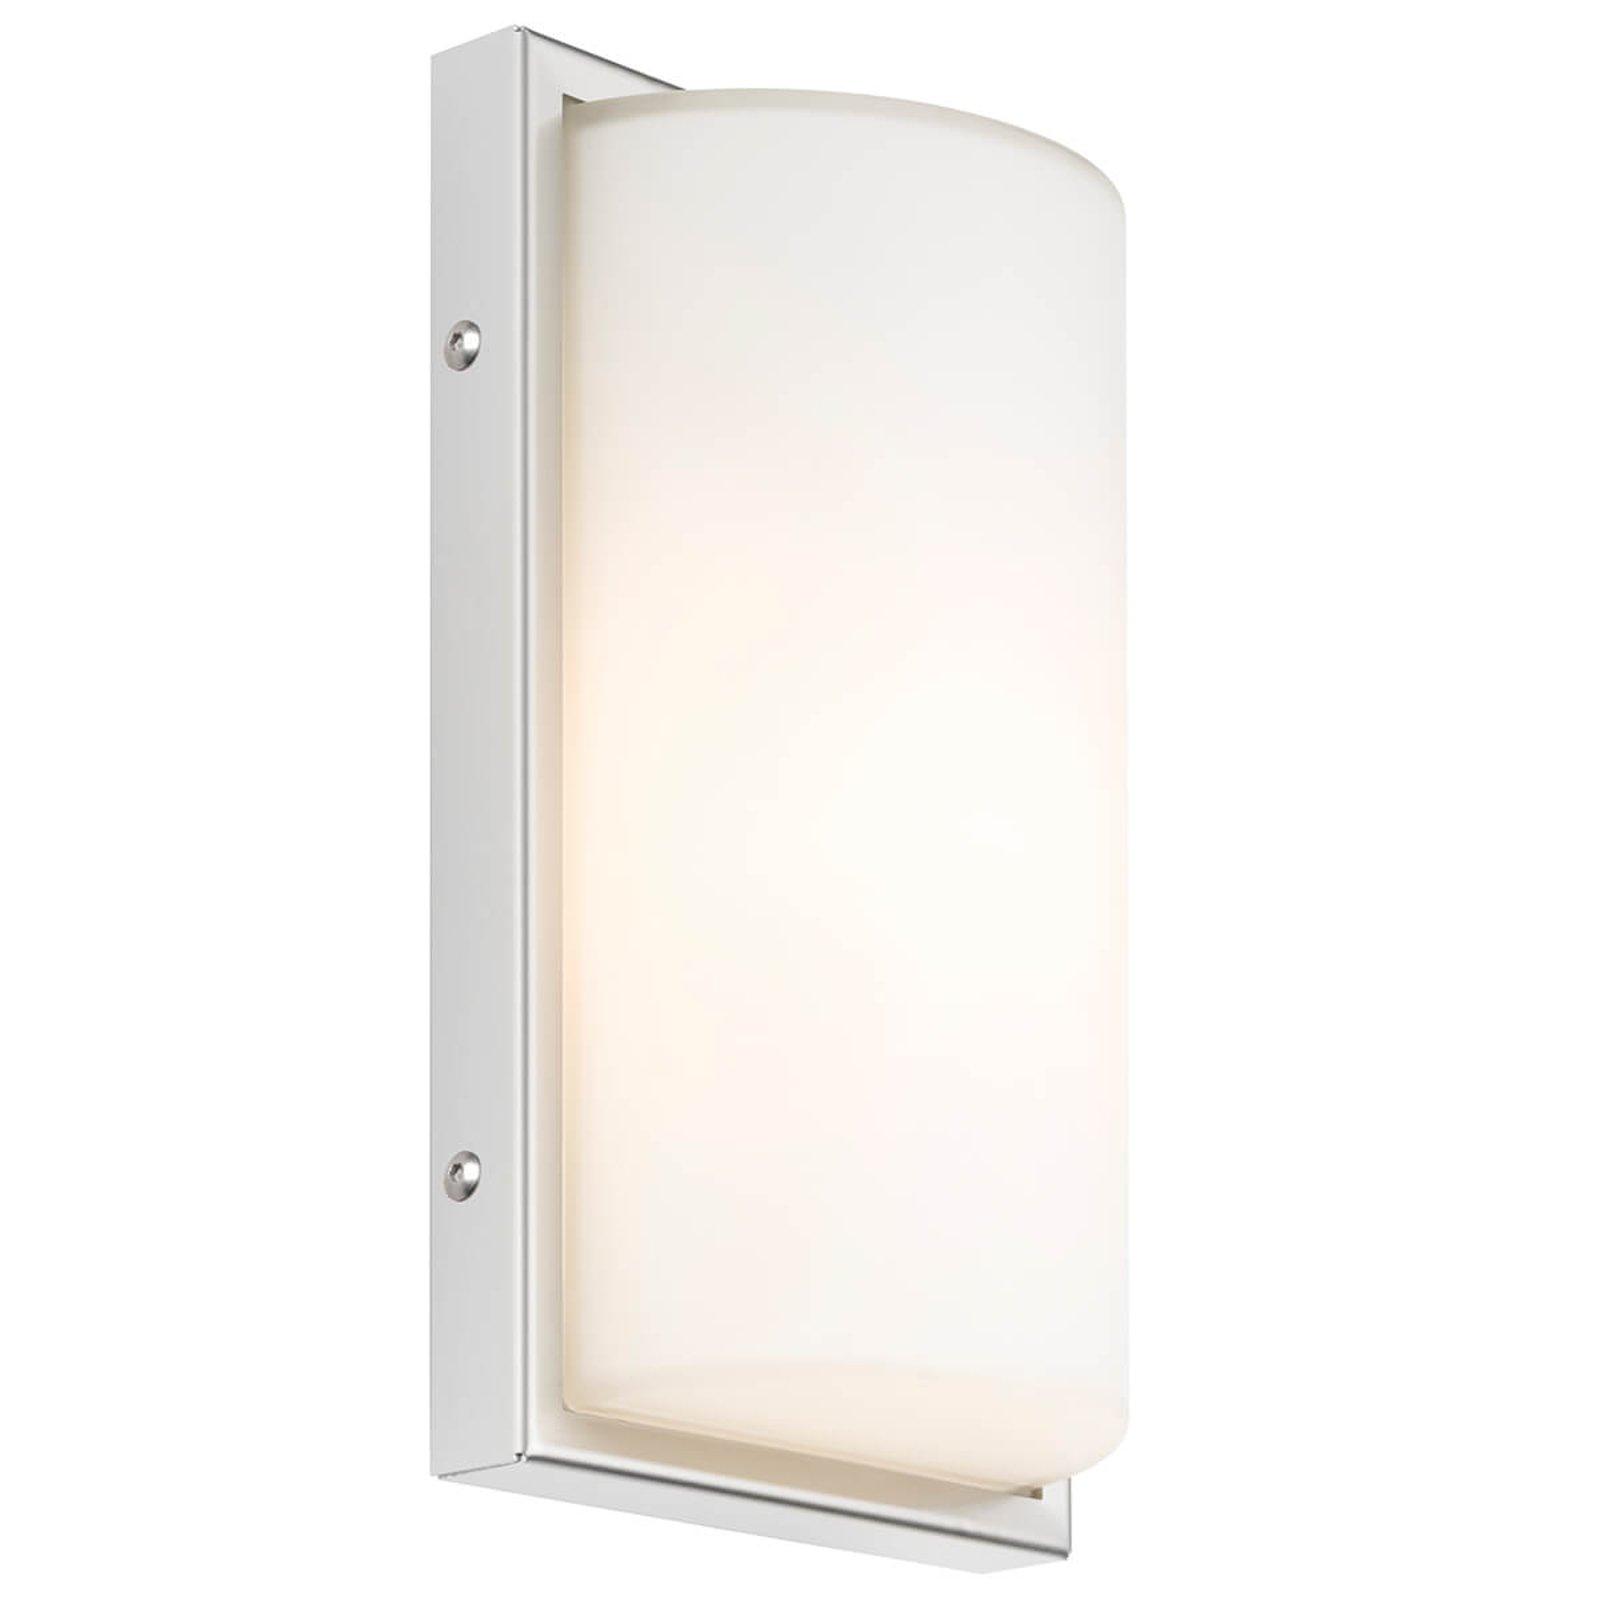 040 utendørs vegglampe med sensor, hvit